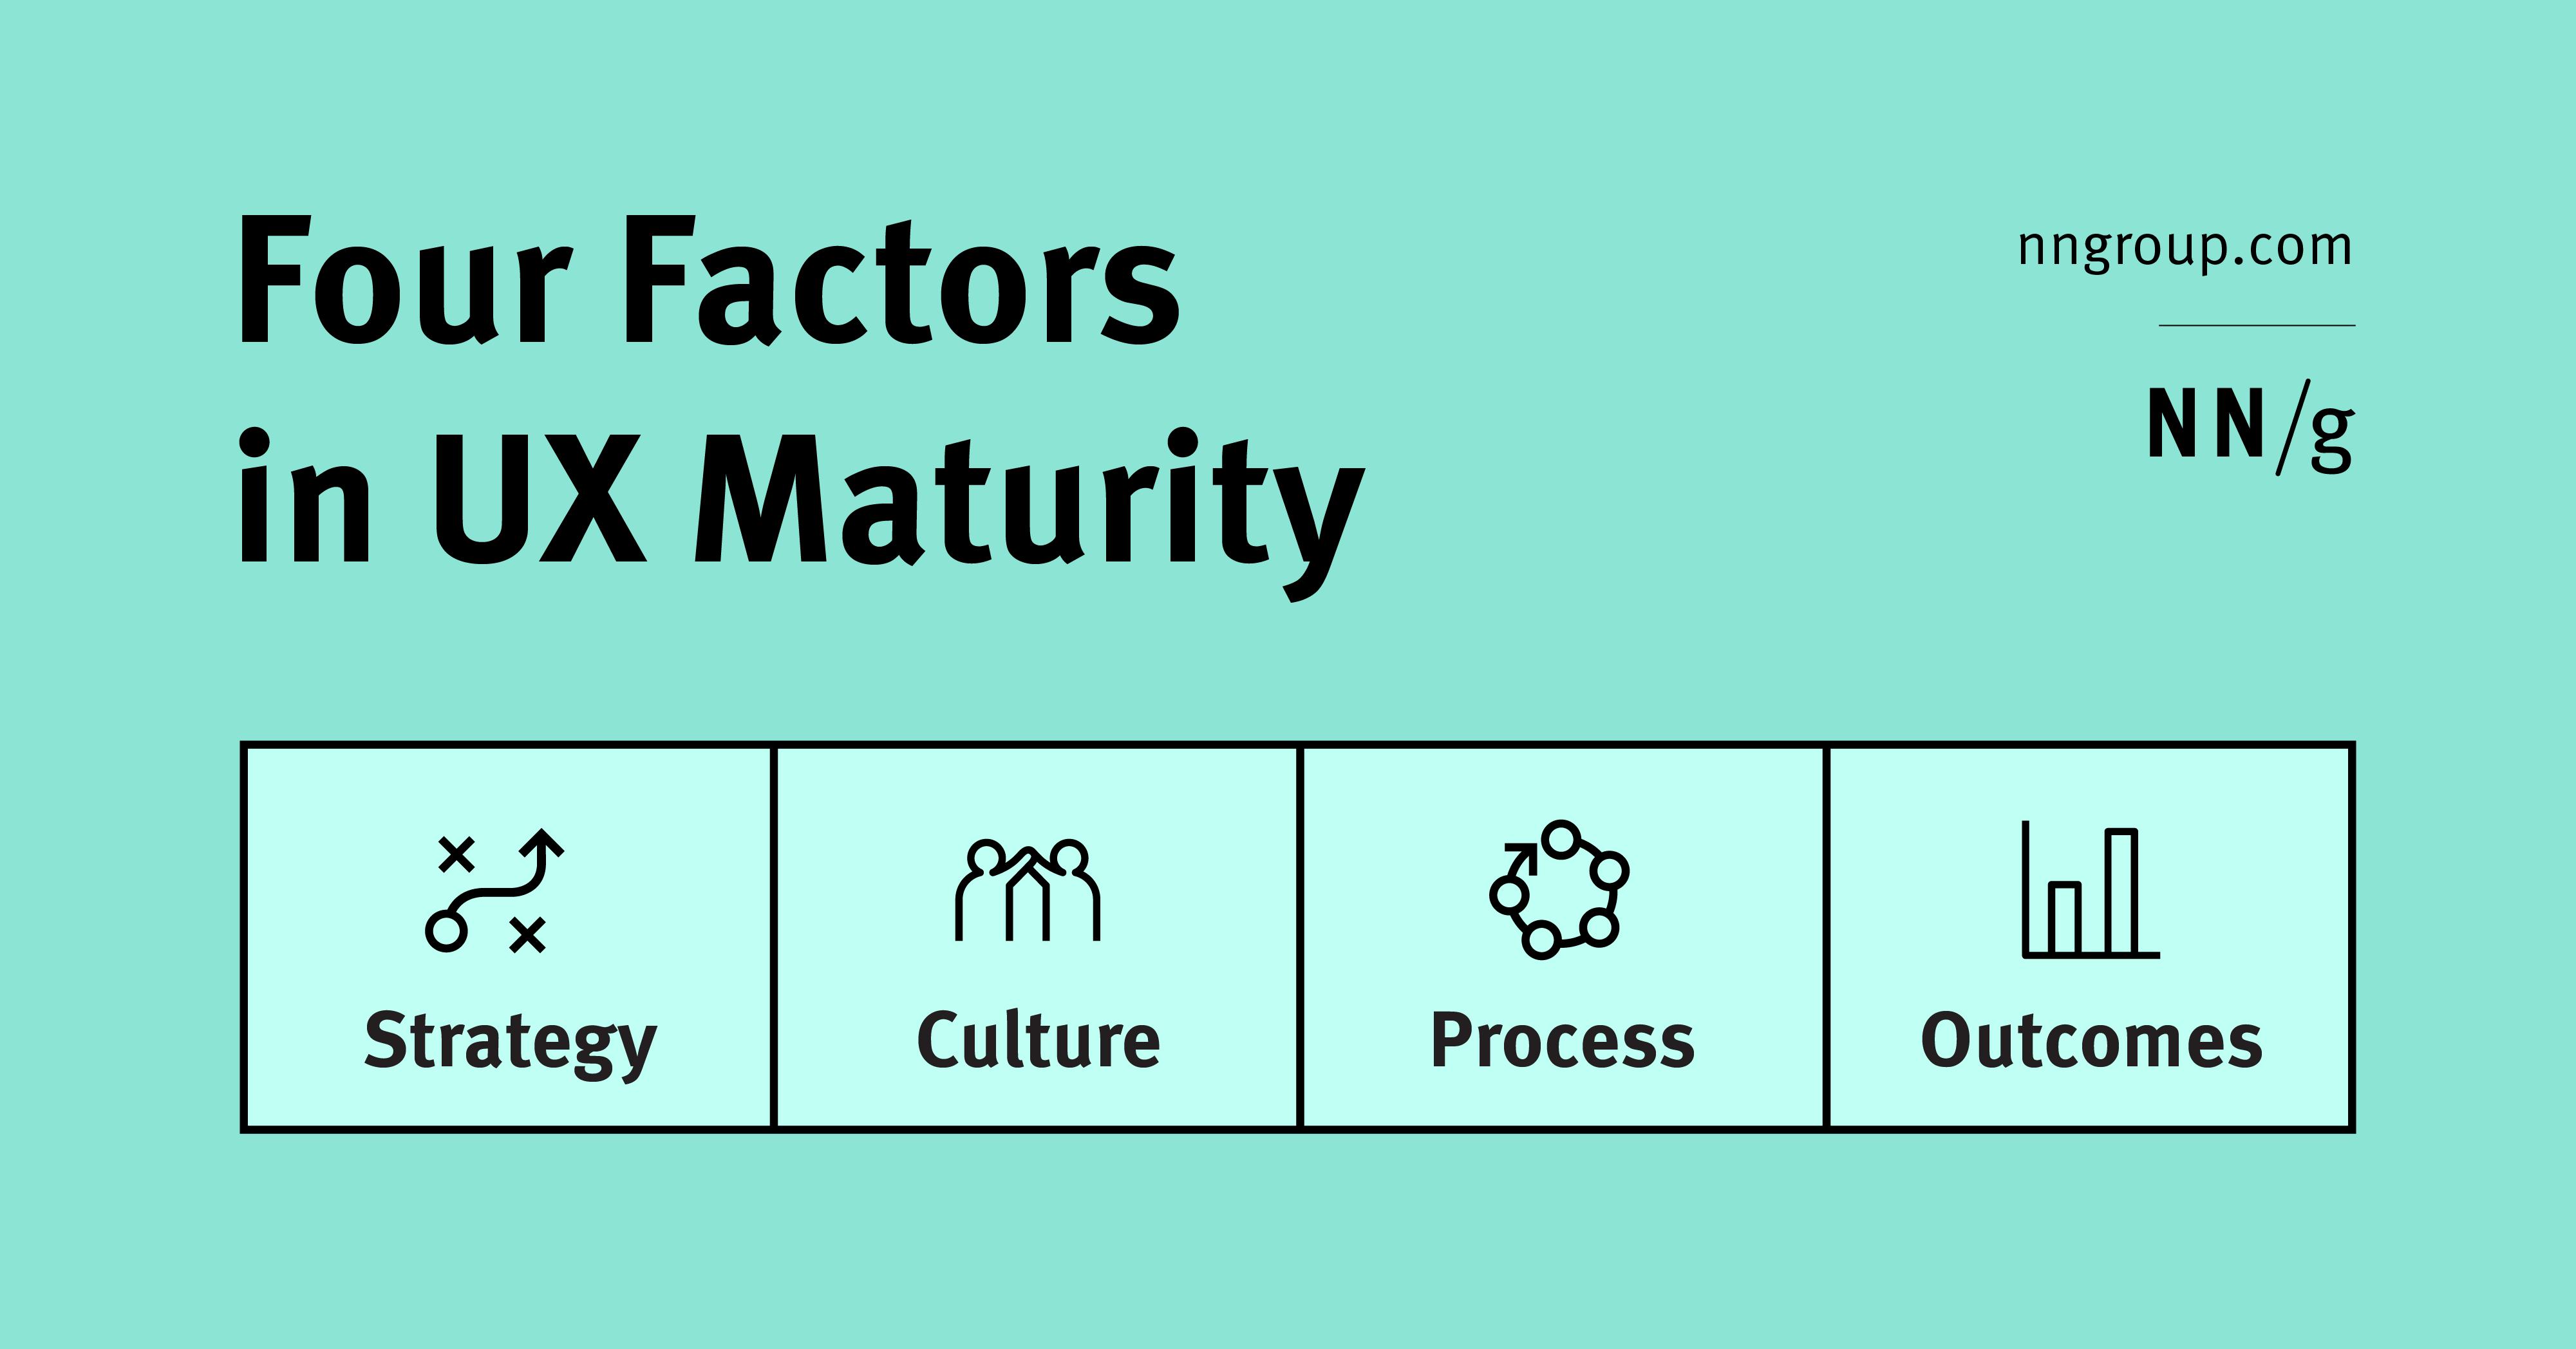 Four Factors in UX Maturity